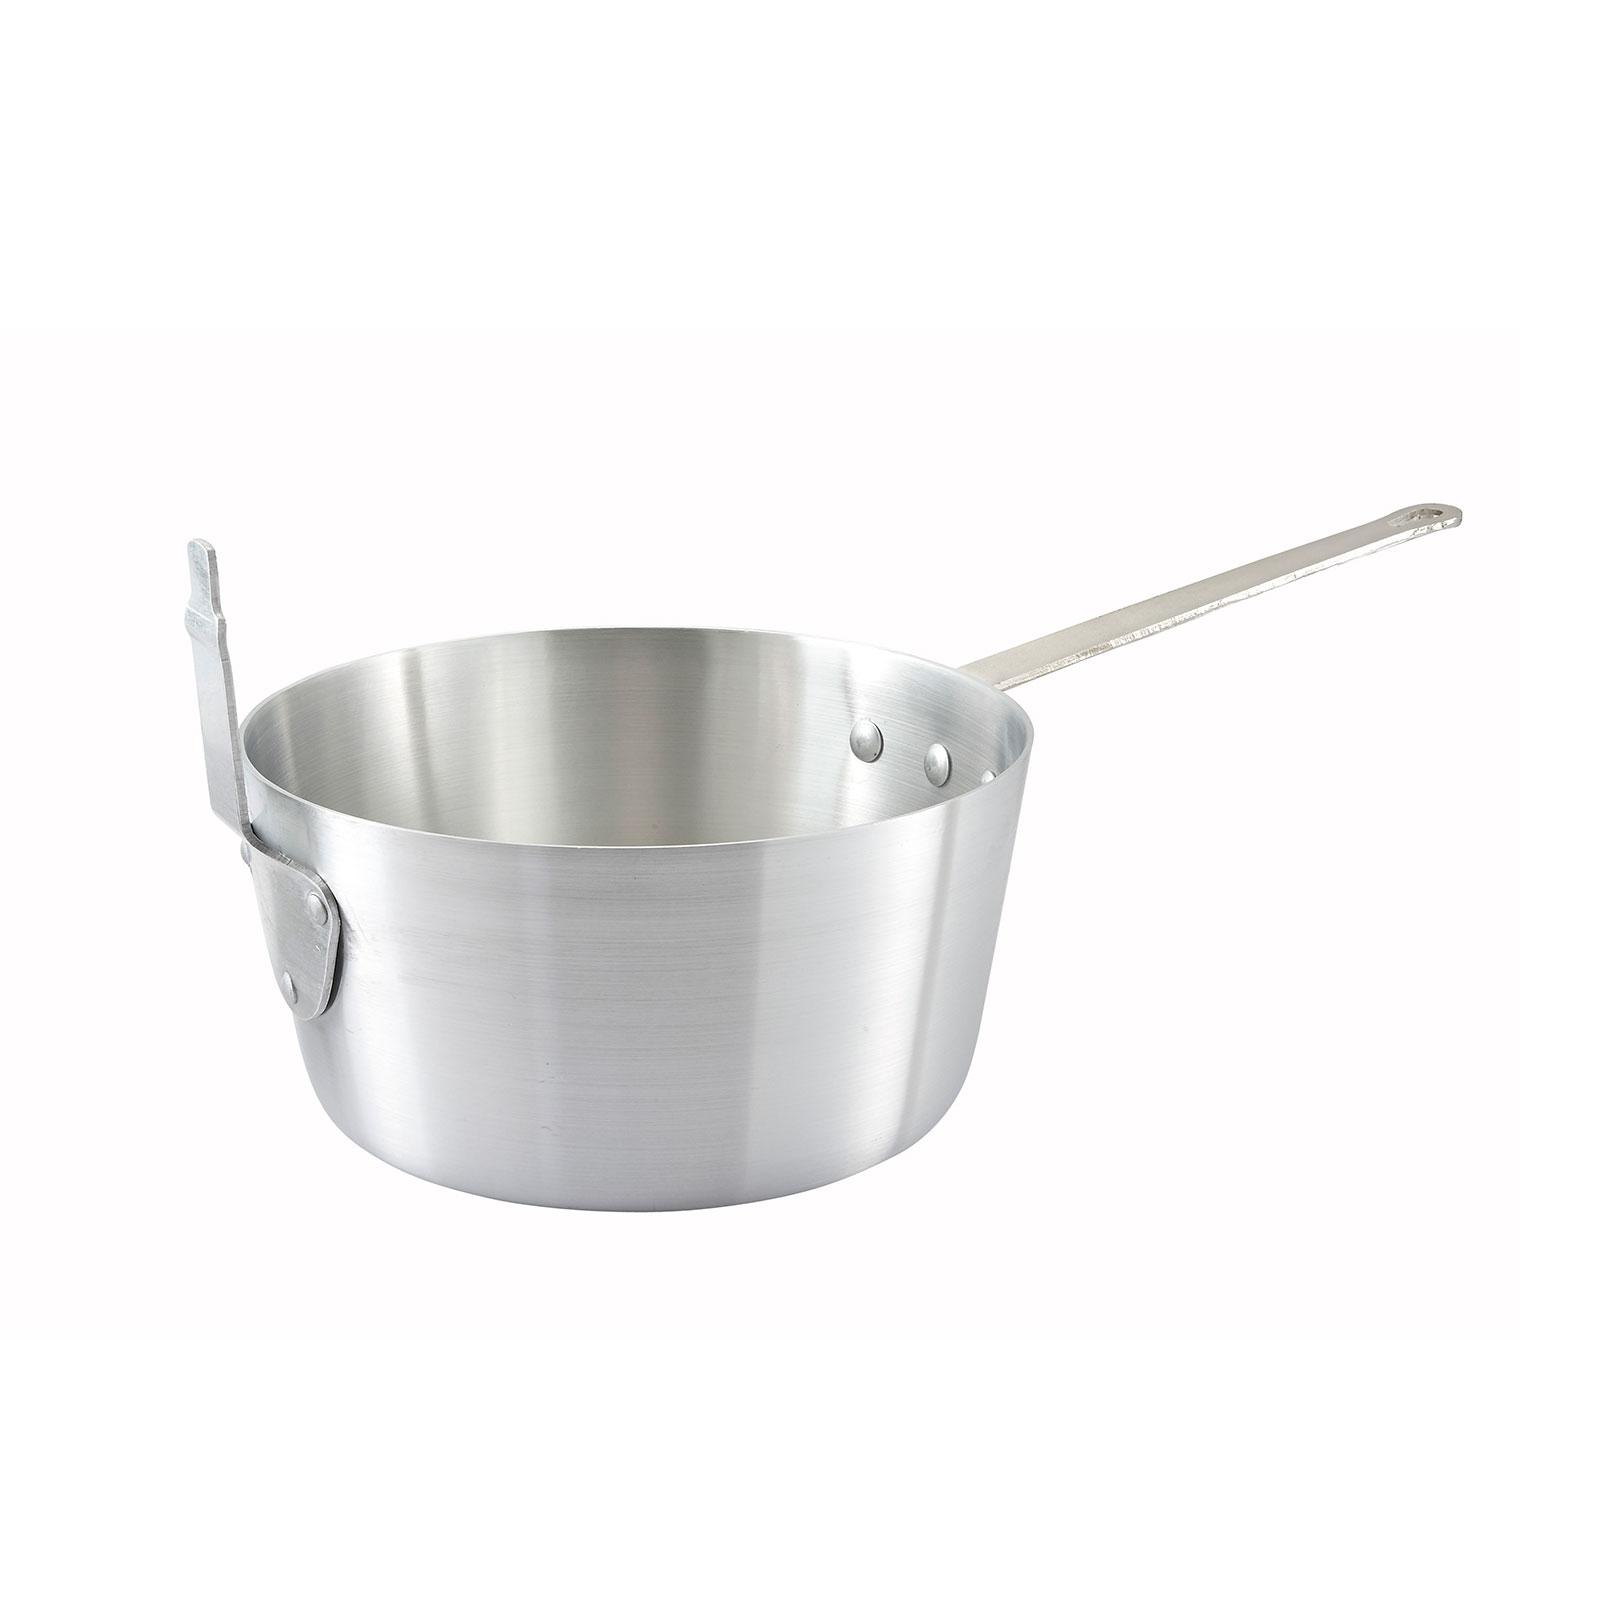 Winco ALSP-7 sauce pan